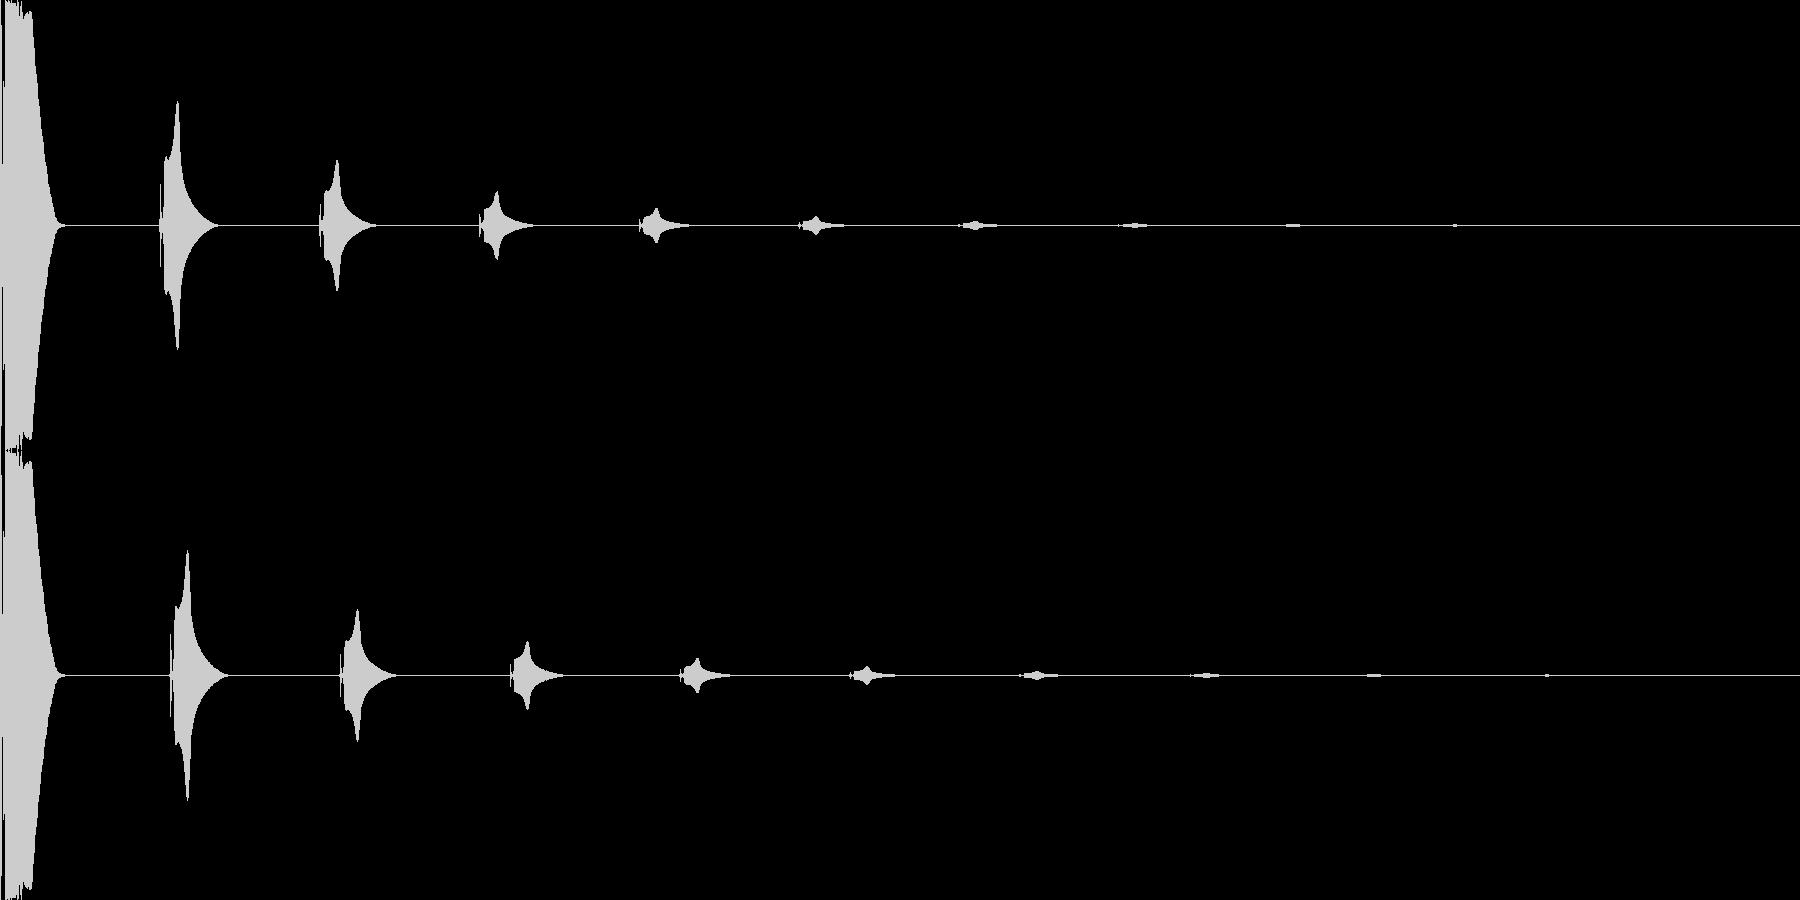 ボタンを押した時の電子的音の未再生の波形